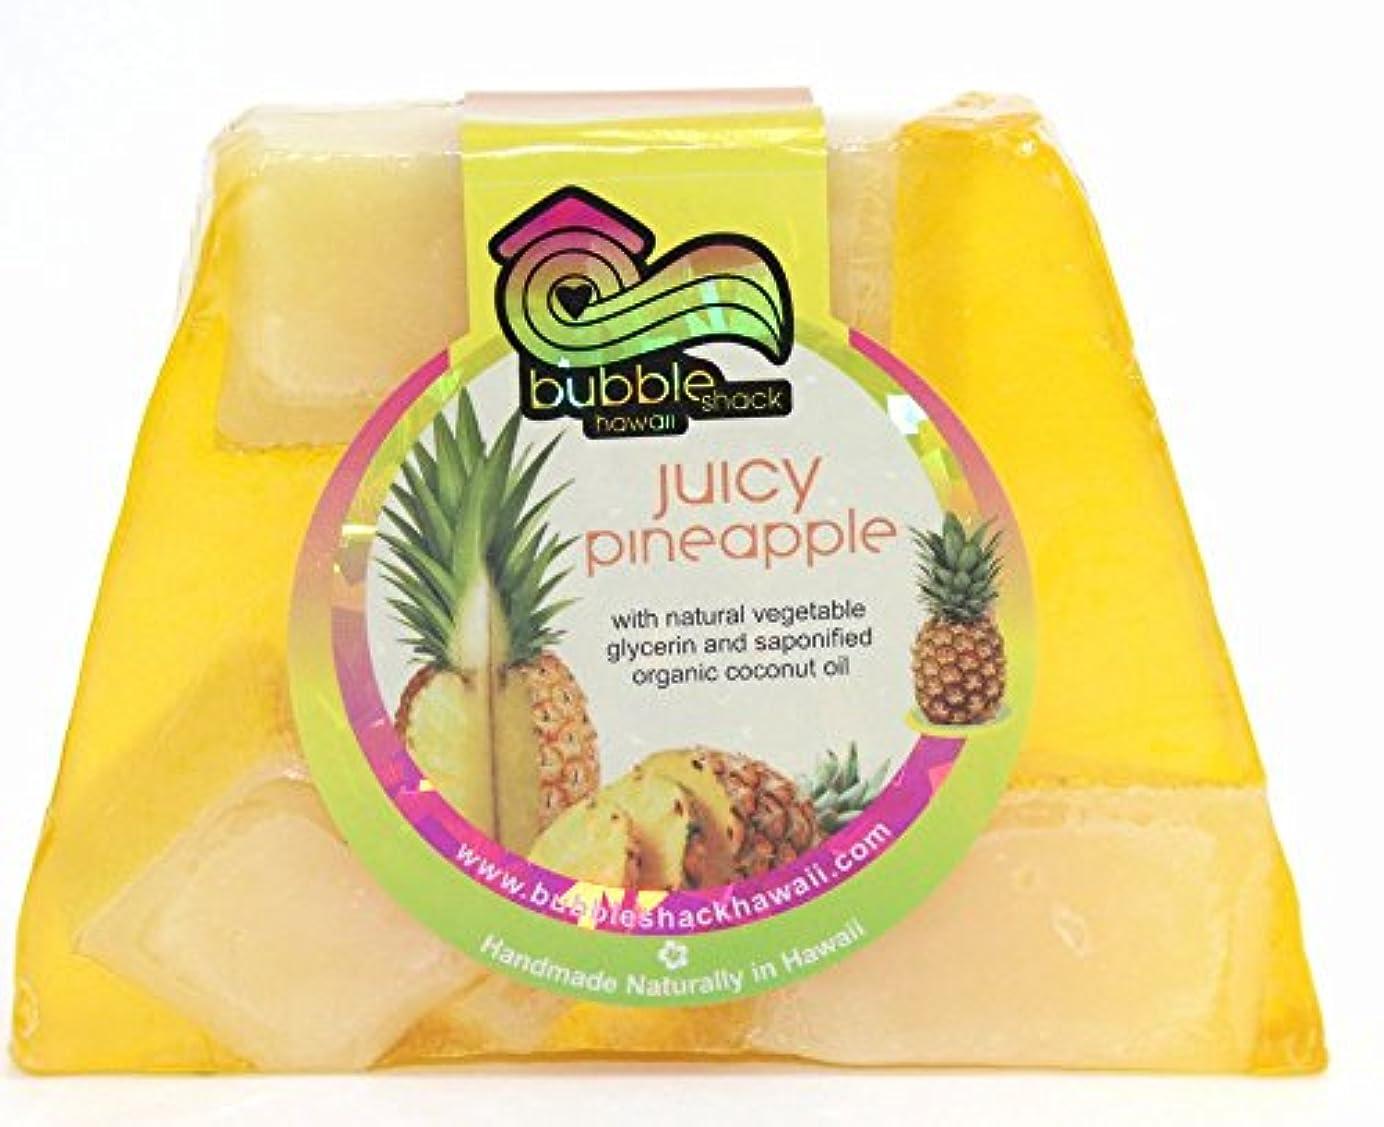 窒素不十分クロスハワイ お土産 ハワイアン雑貨 バブルシャック パイナップル チャンクソープ 石鹸 (パイナップル) ハワイ雑貨